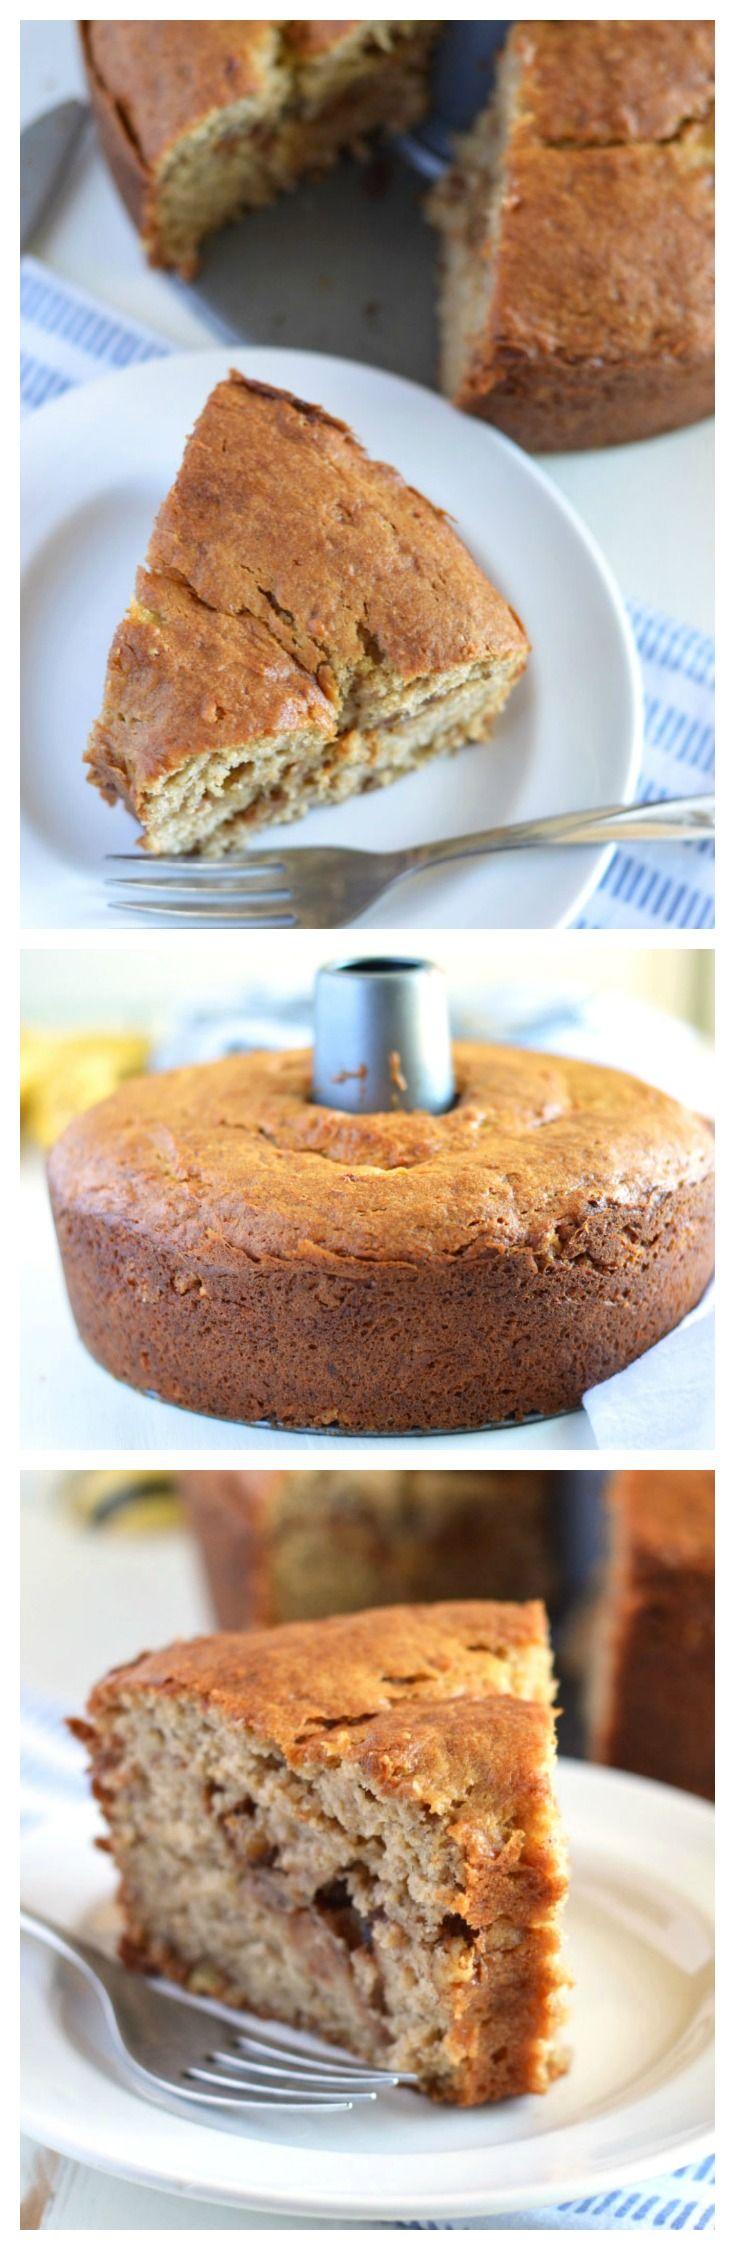 Honey Banana Coffee Cake (gluten free and dairy free).   Recipe from @whattheforkblog   whattheforkfoodblog.com